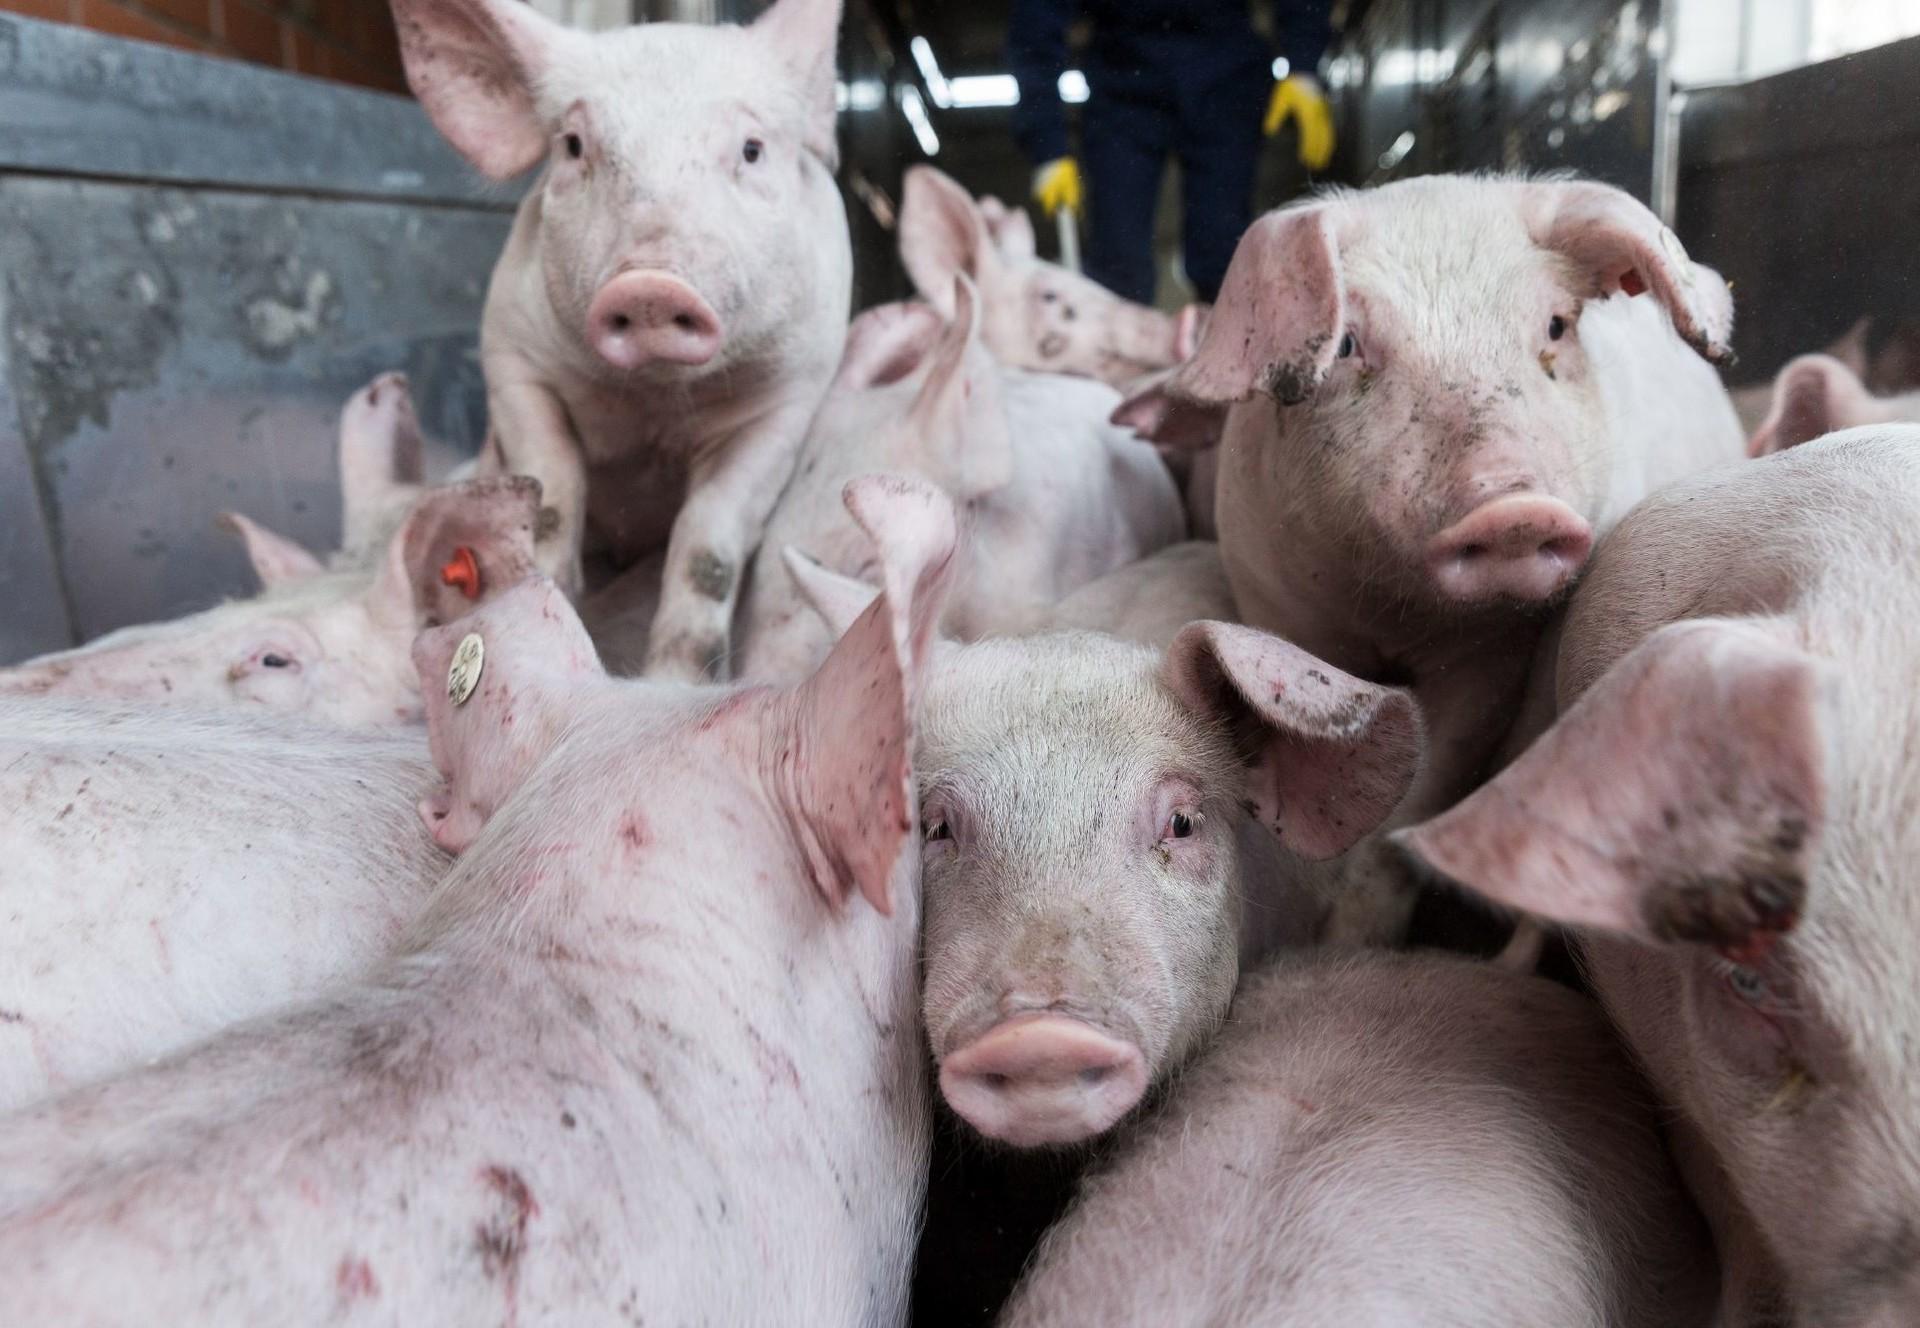 Tiertransport mit Schweinen (c) VIER PFOTEN | Fred Dott